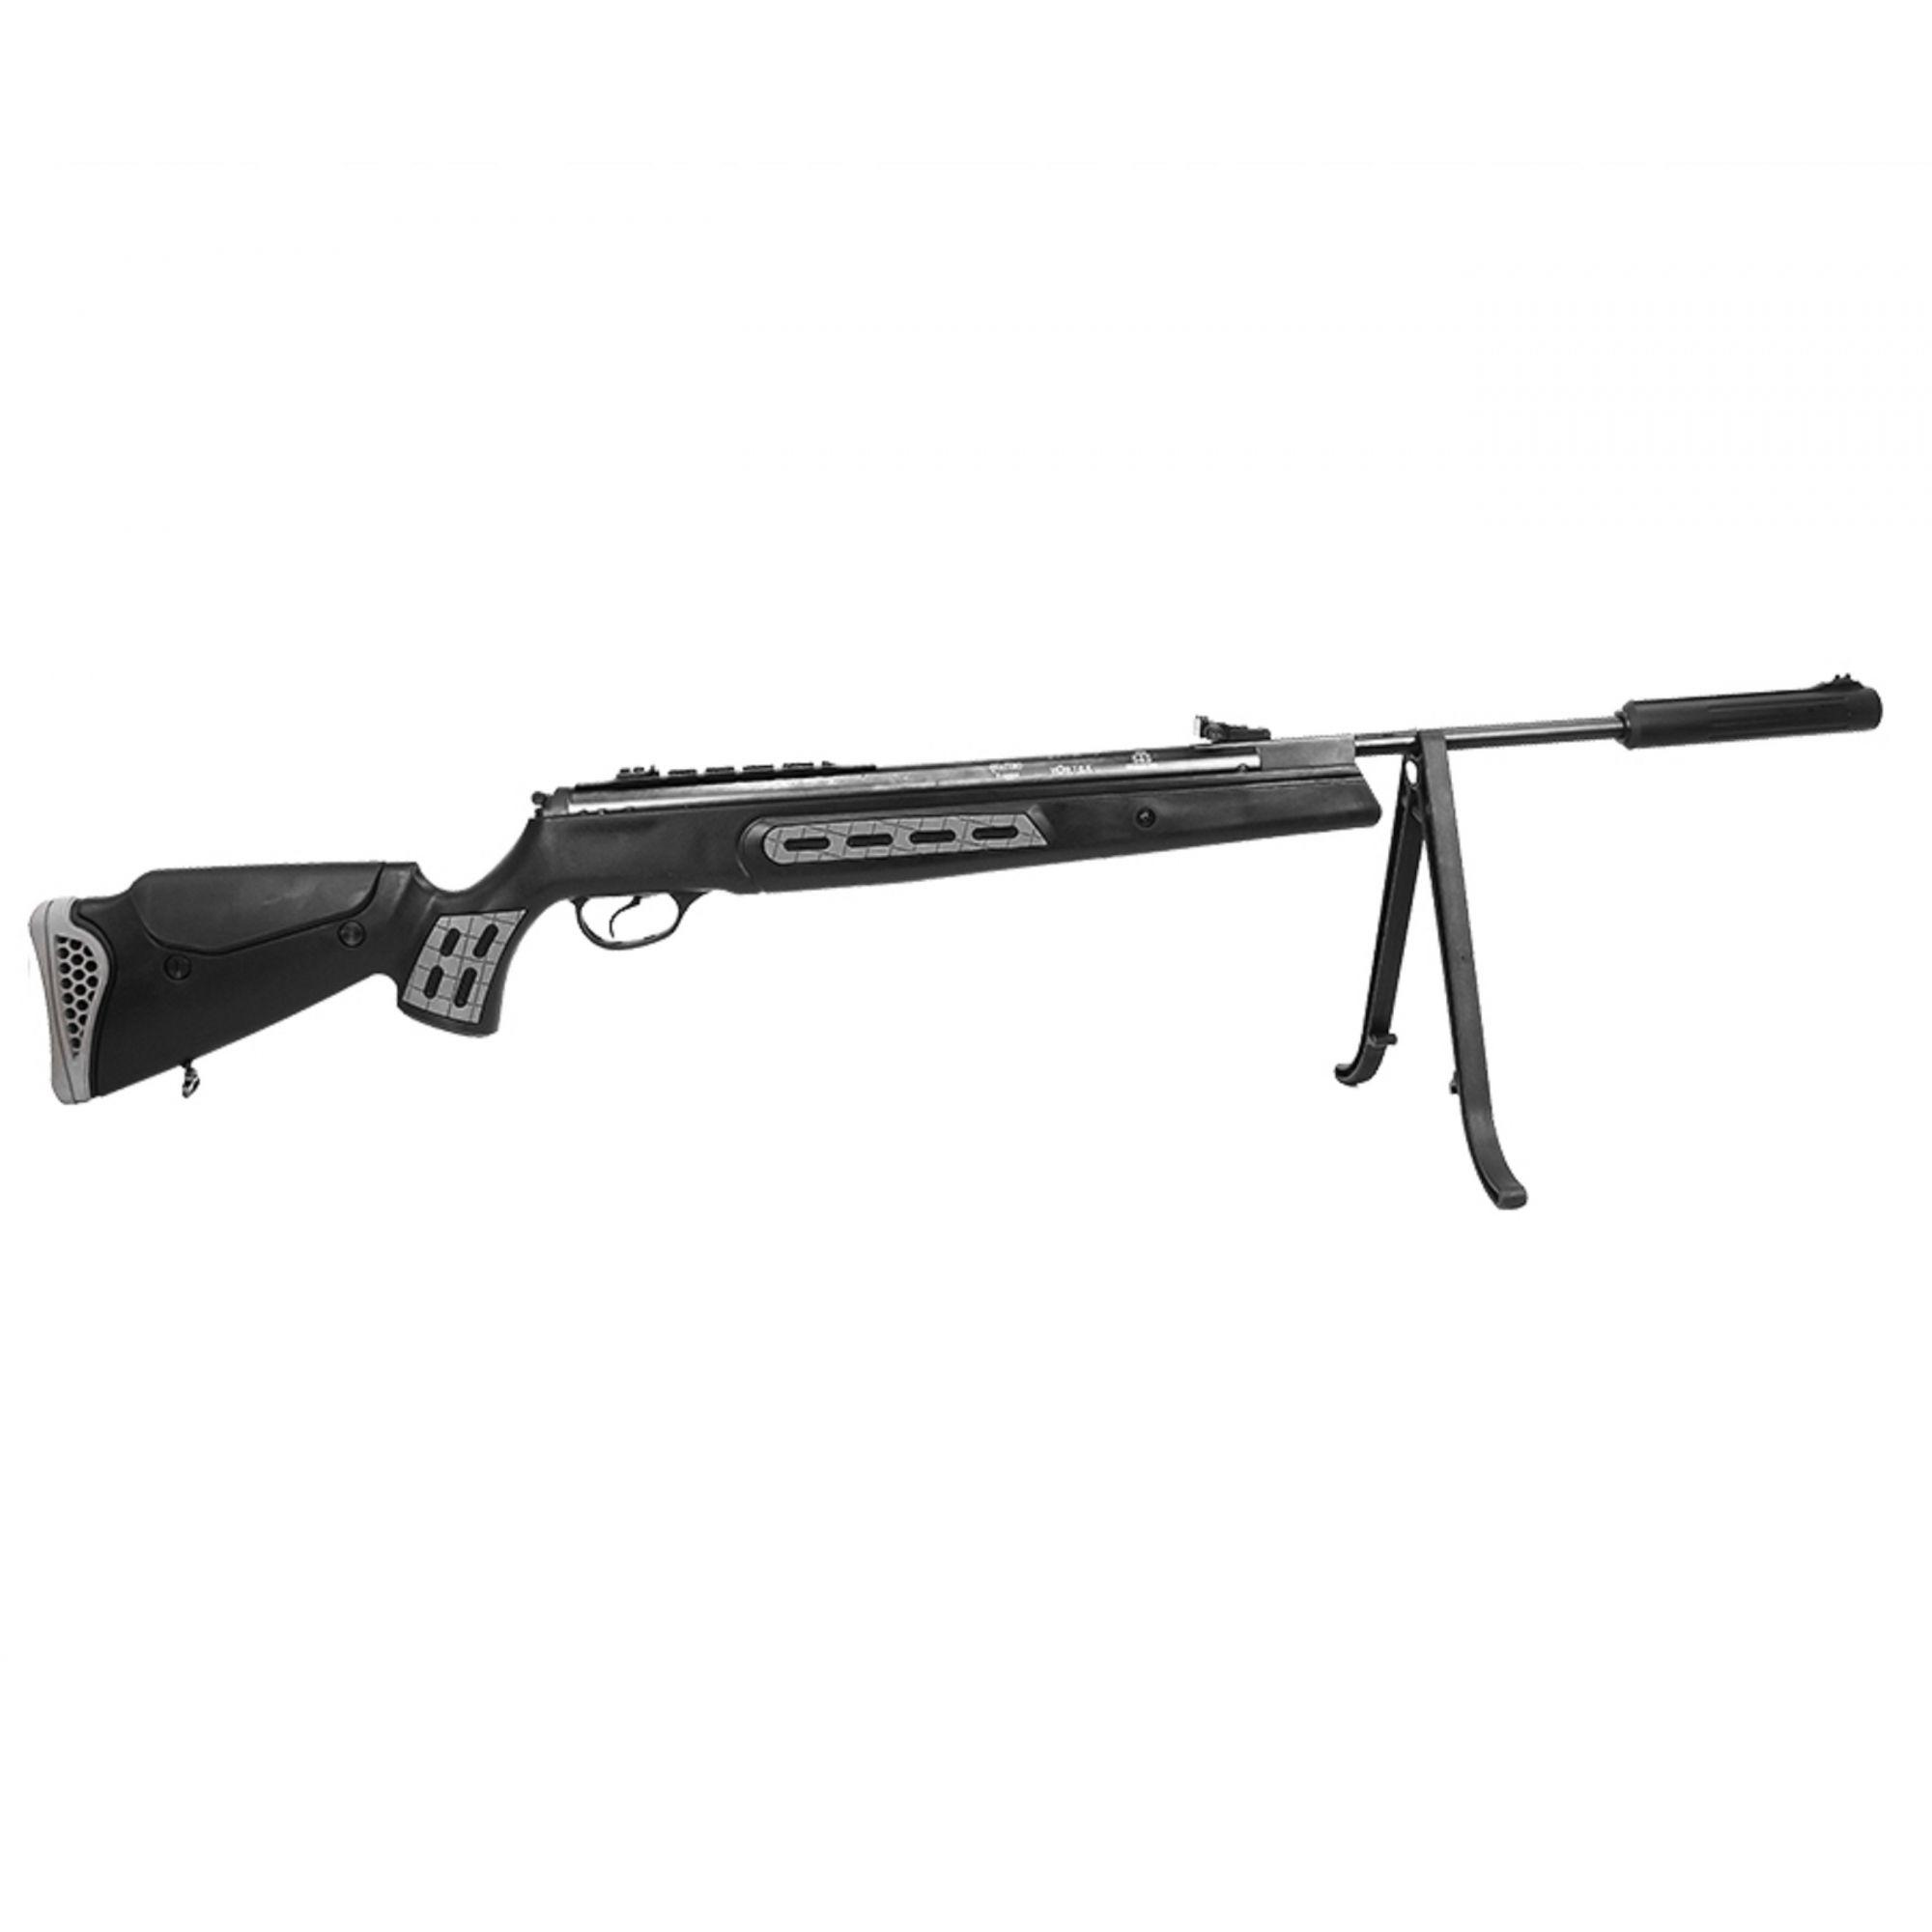 Carabina de Pressão HT125 Sniper Vortex 5.5mm